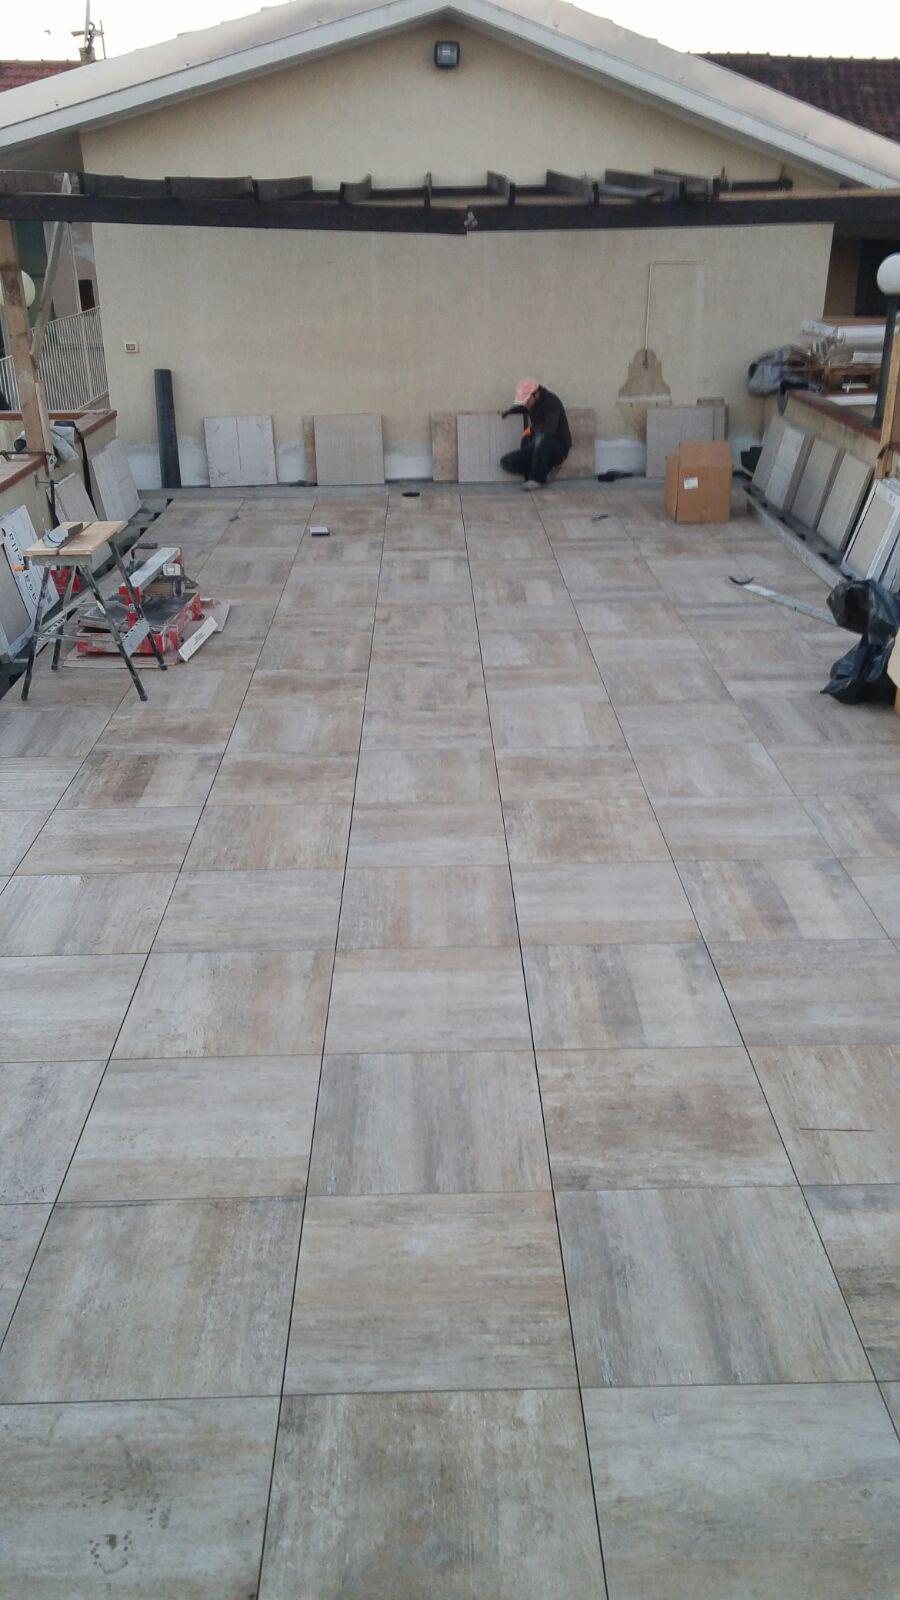 lavoro di impermeabilizzazione su pavimento di terrazza